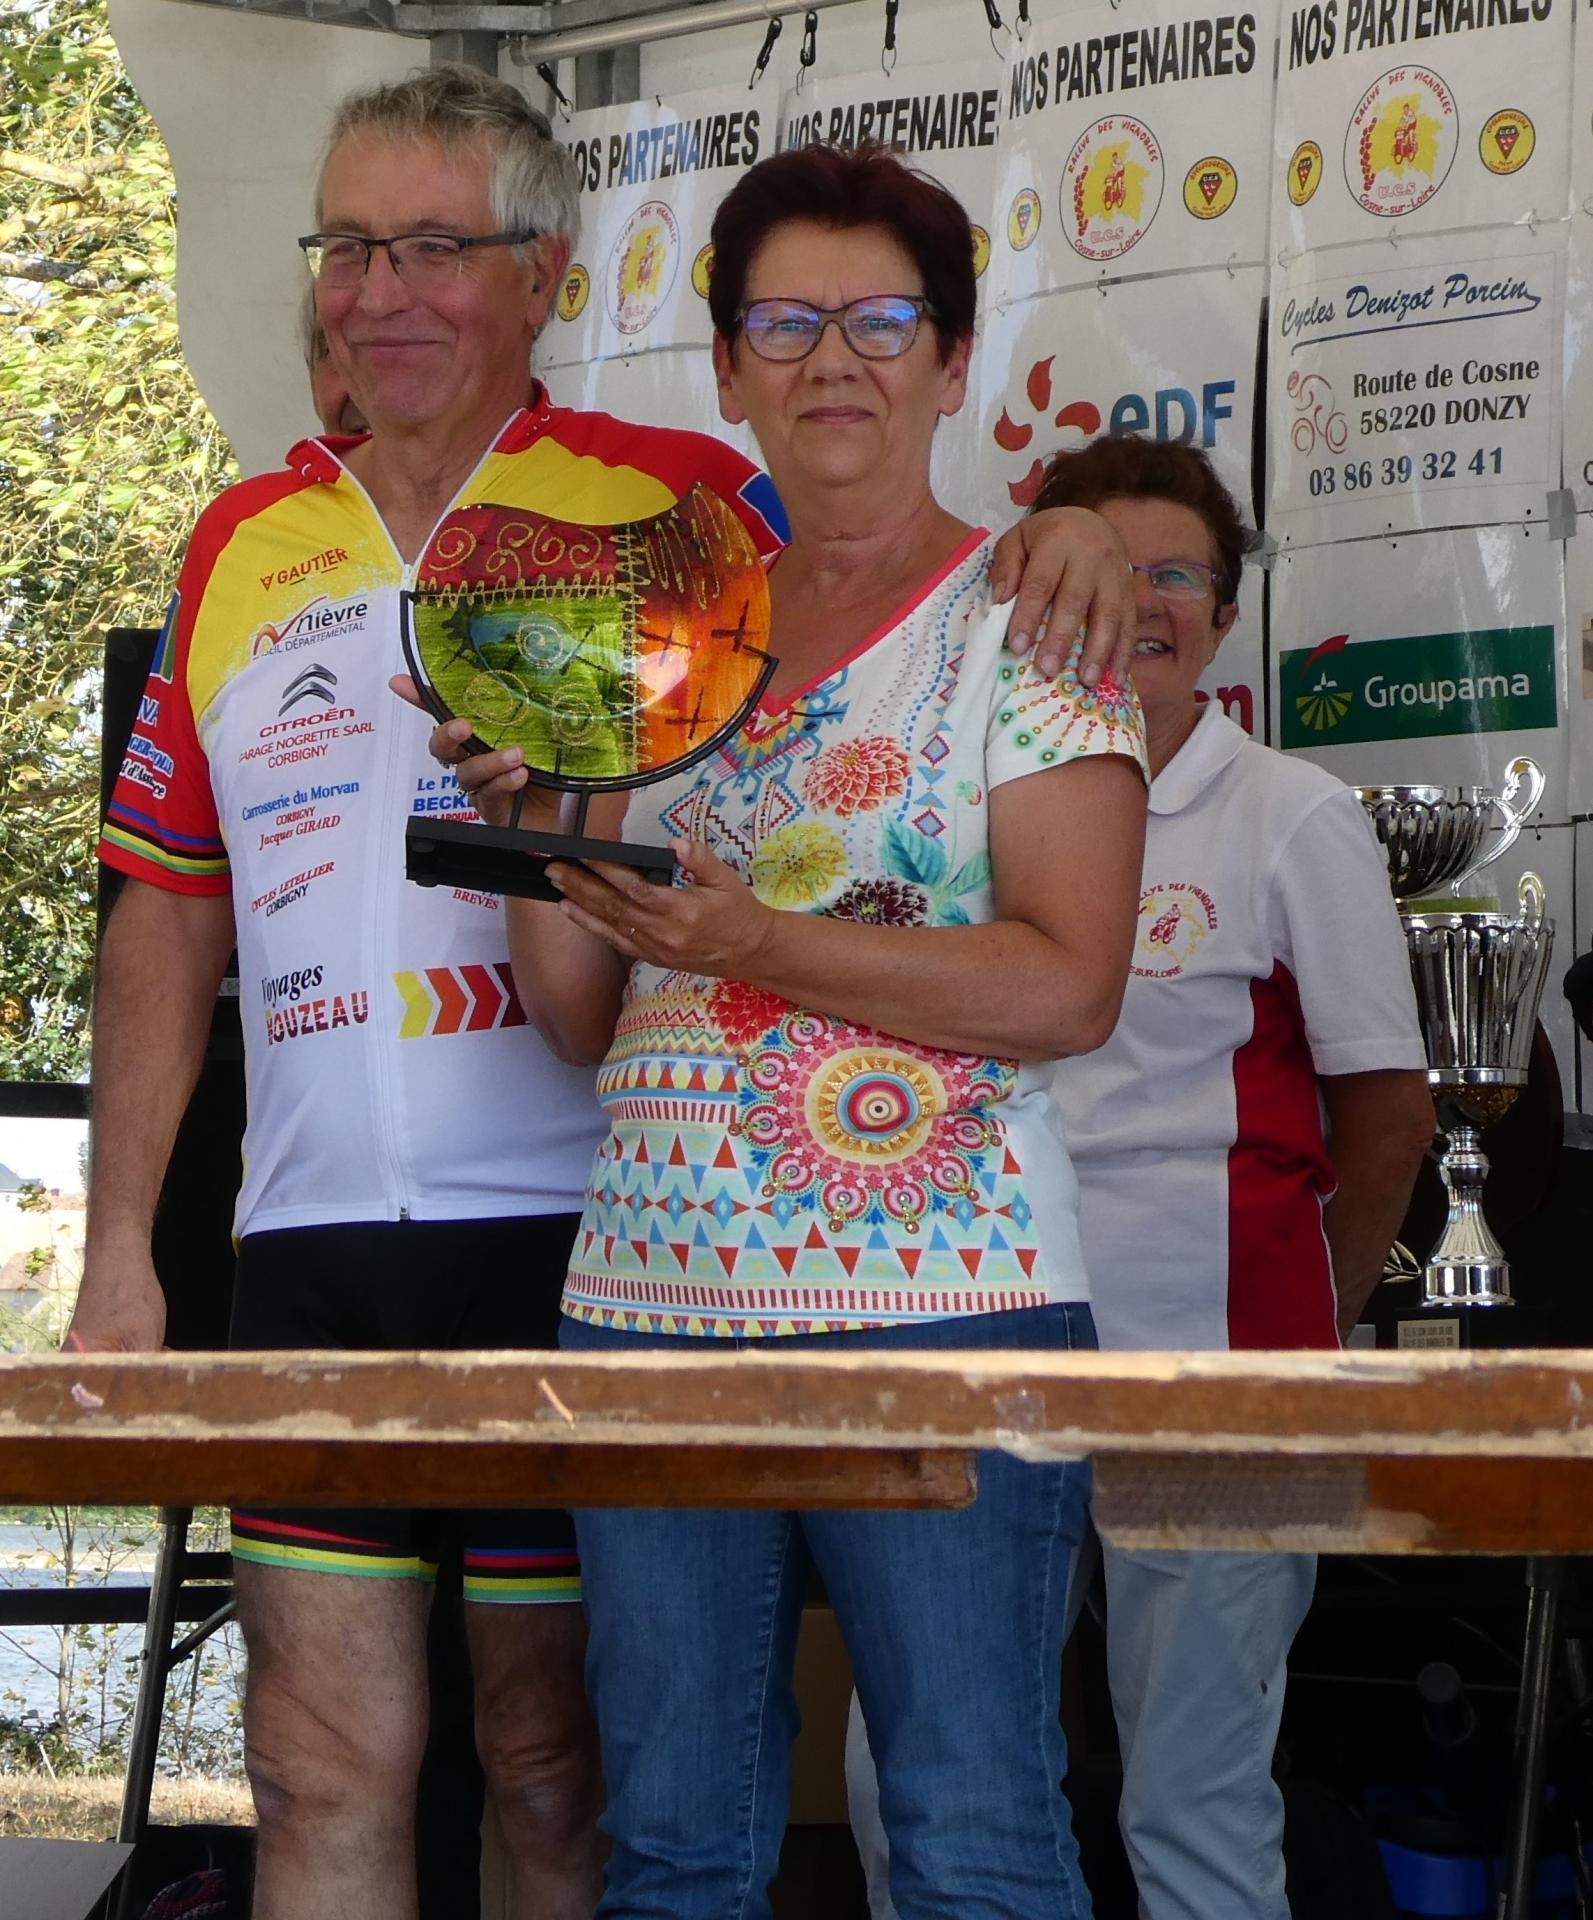 Octobre 2018 Rallye des Vignobles remise du  trophée Trajectoires